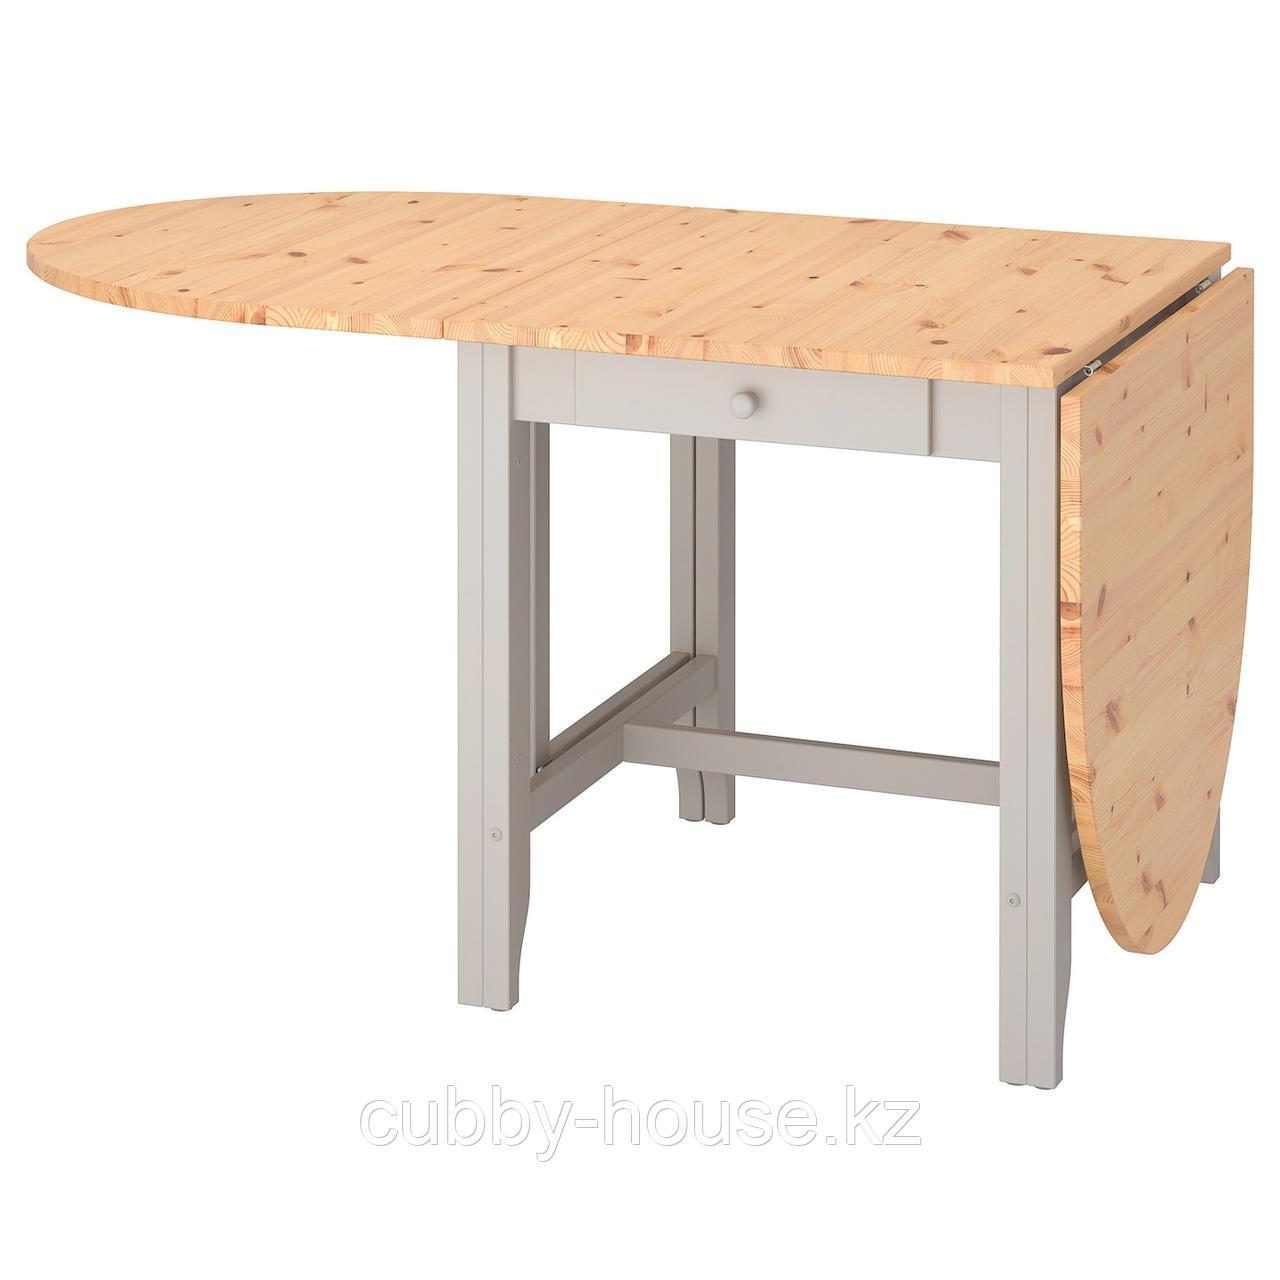 ГЭМЛЕБИ Стол складной, светлая морилка антик, серый, 67/134/201x78 см